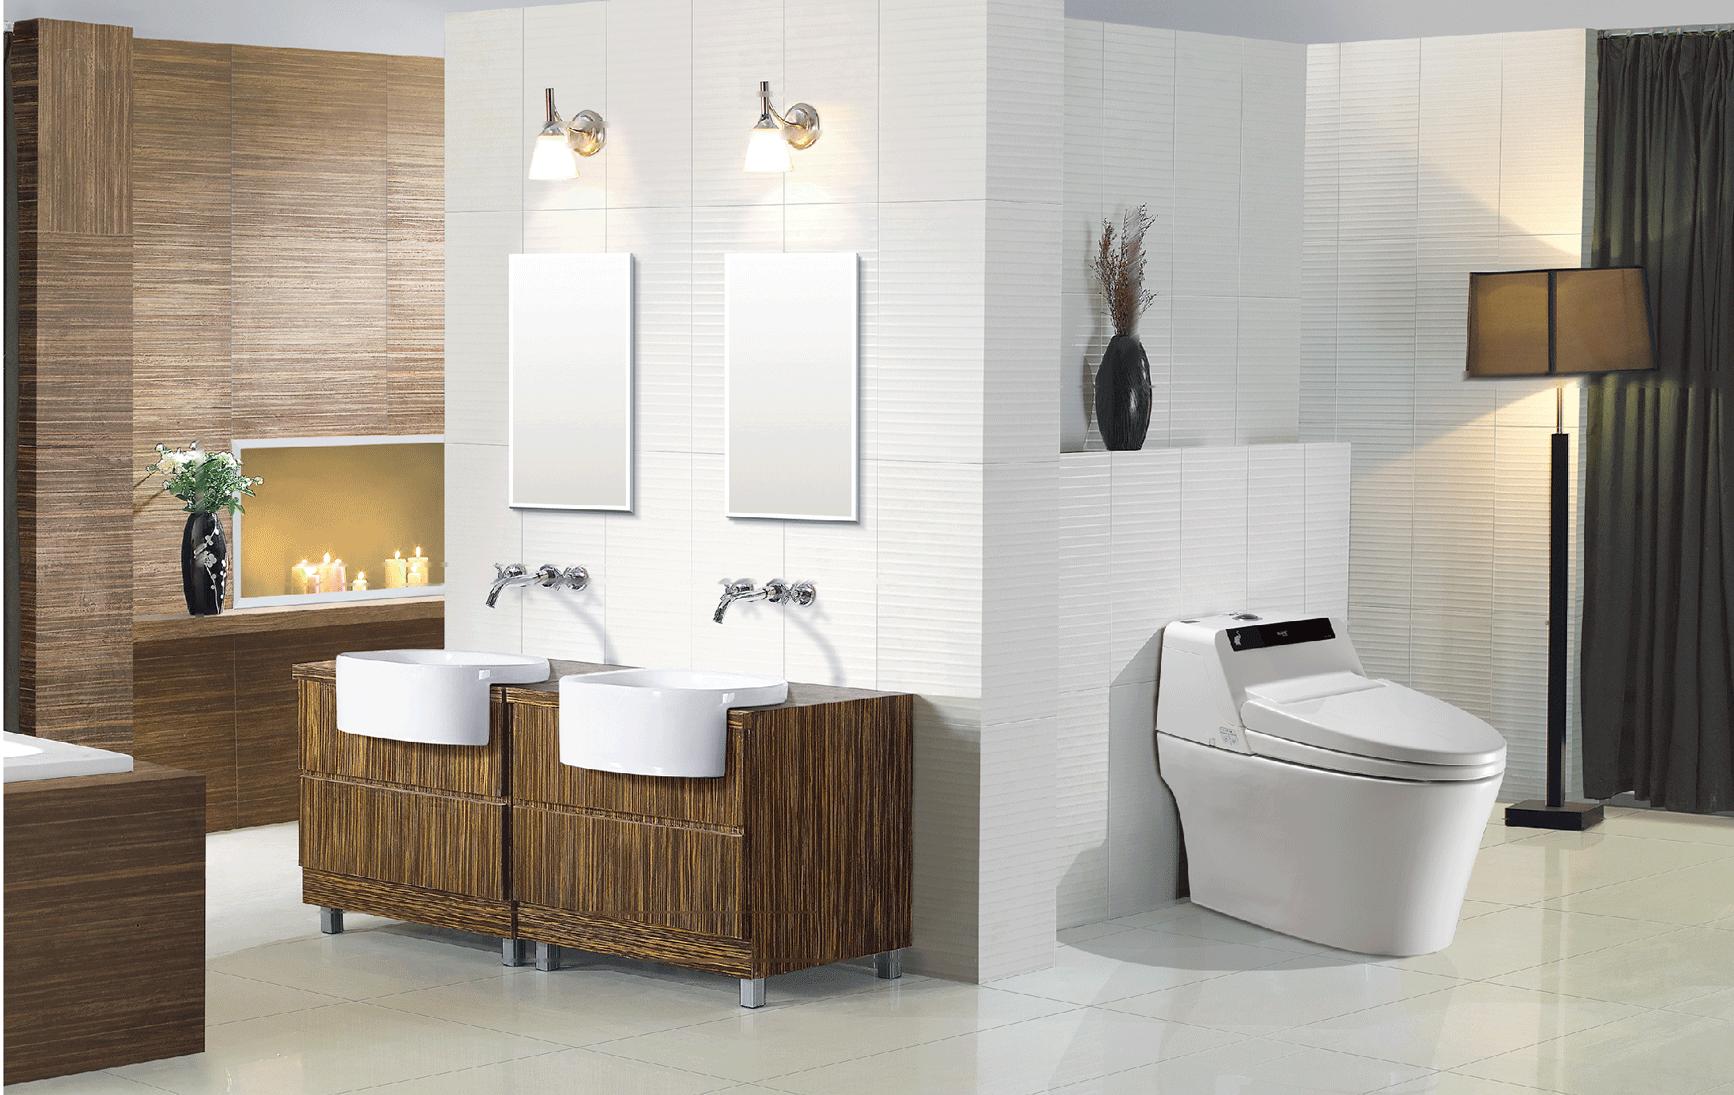 Saniwise Smart Toilet Intelligent Toilet Tankless Toilet Seat